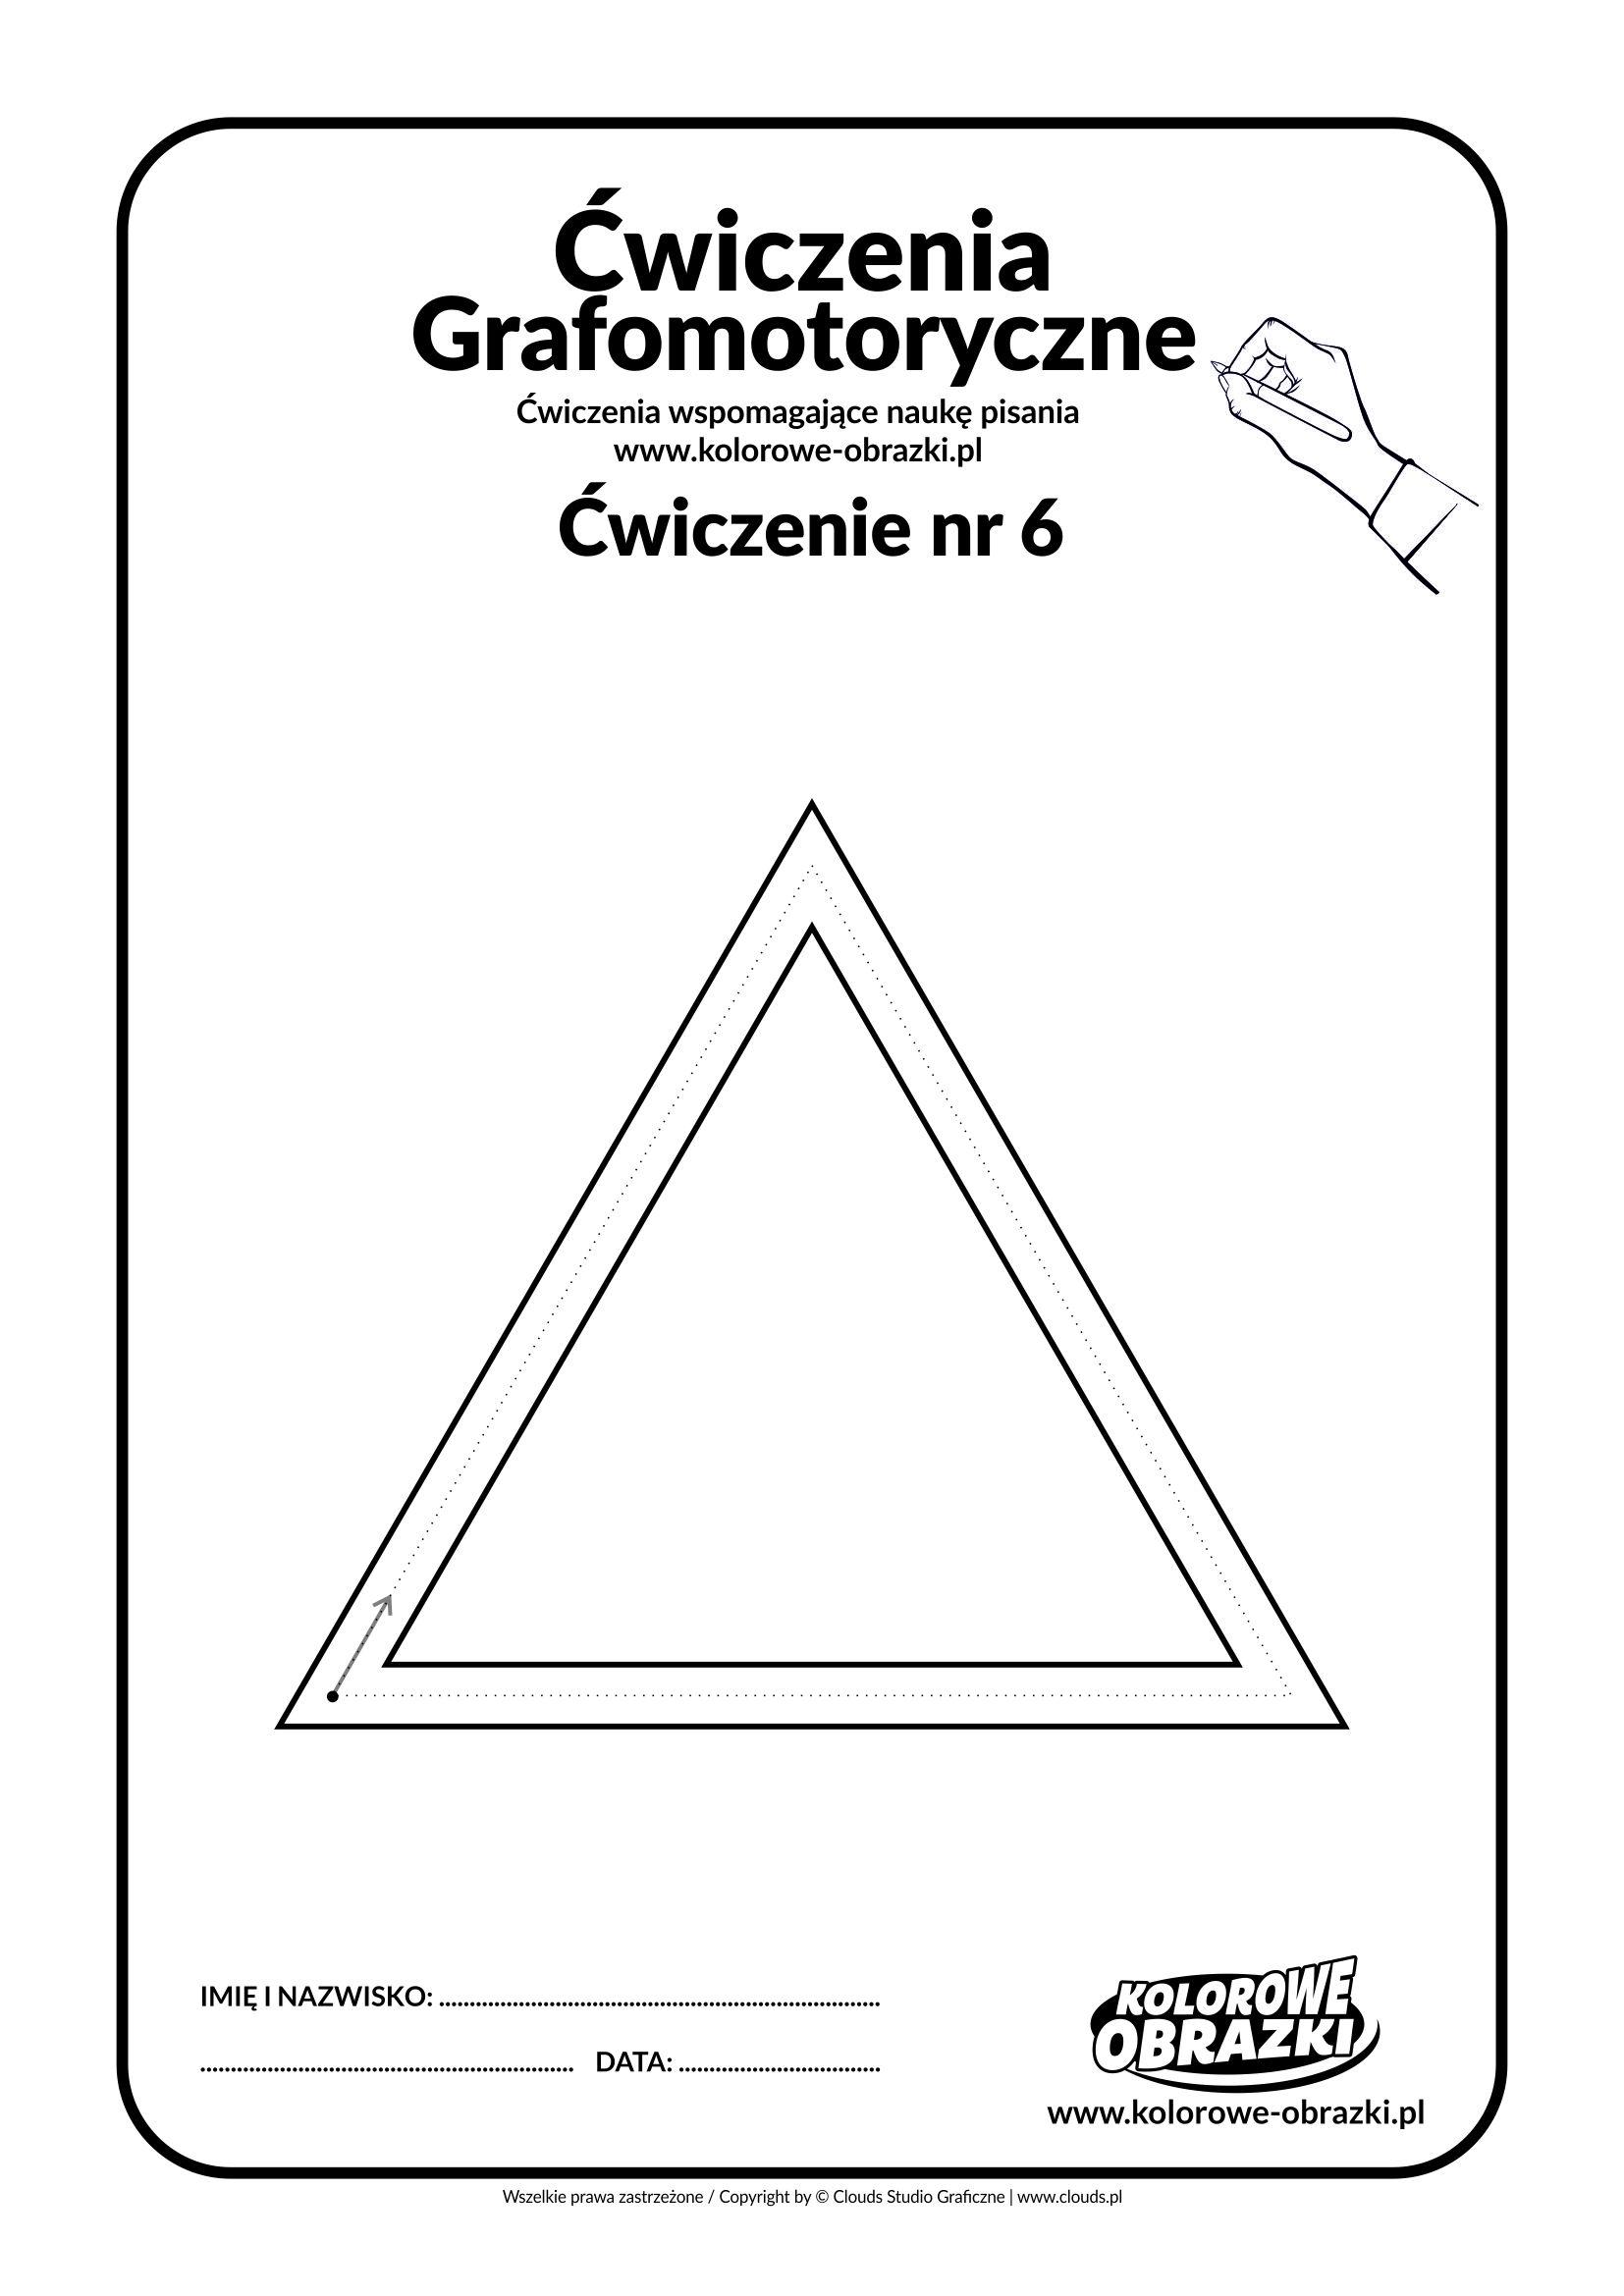 Ćwiczenia grafomotoryczne dla dzieci - ćwiczenie nr 6